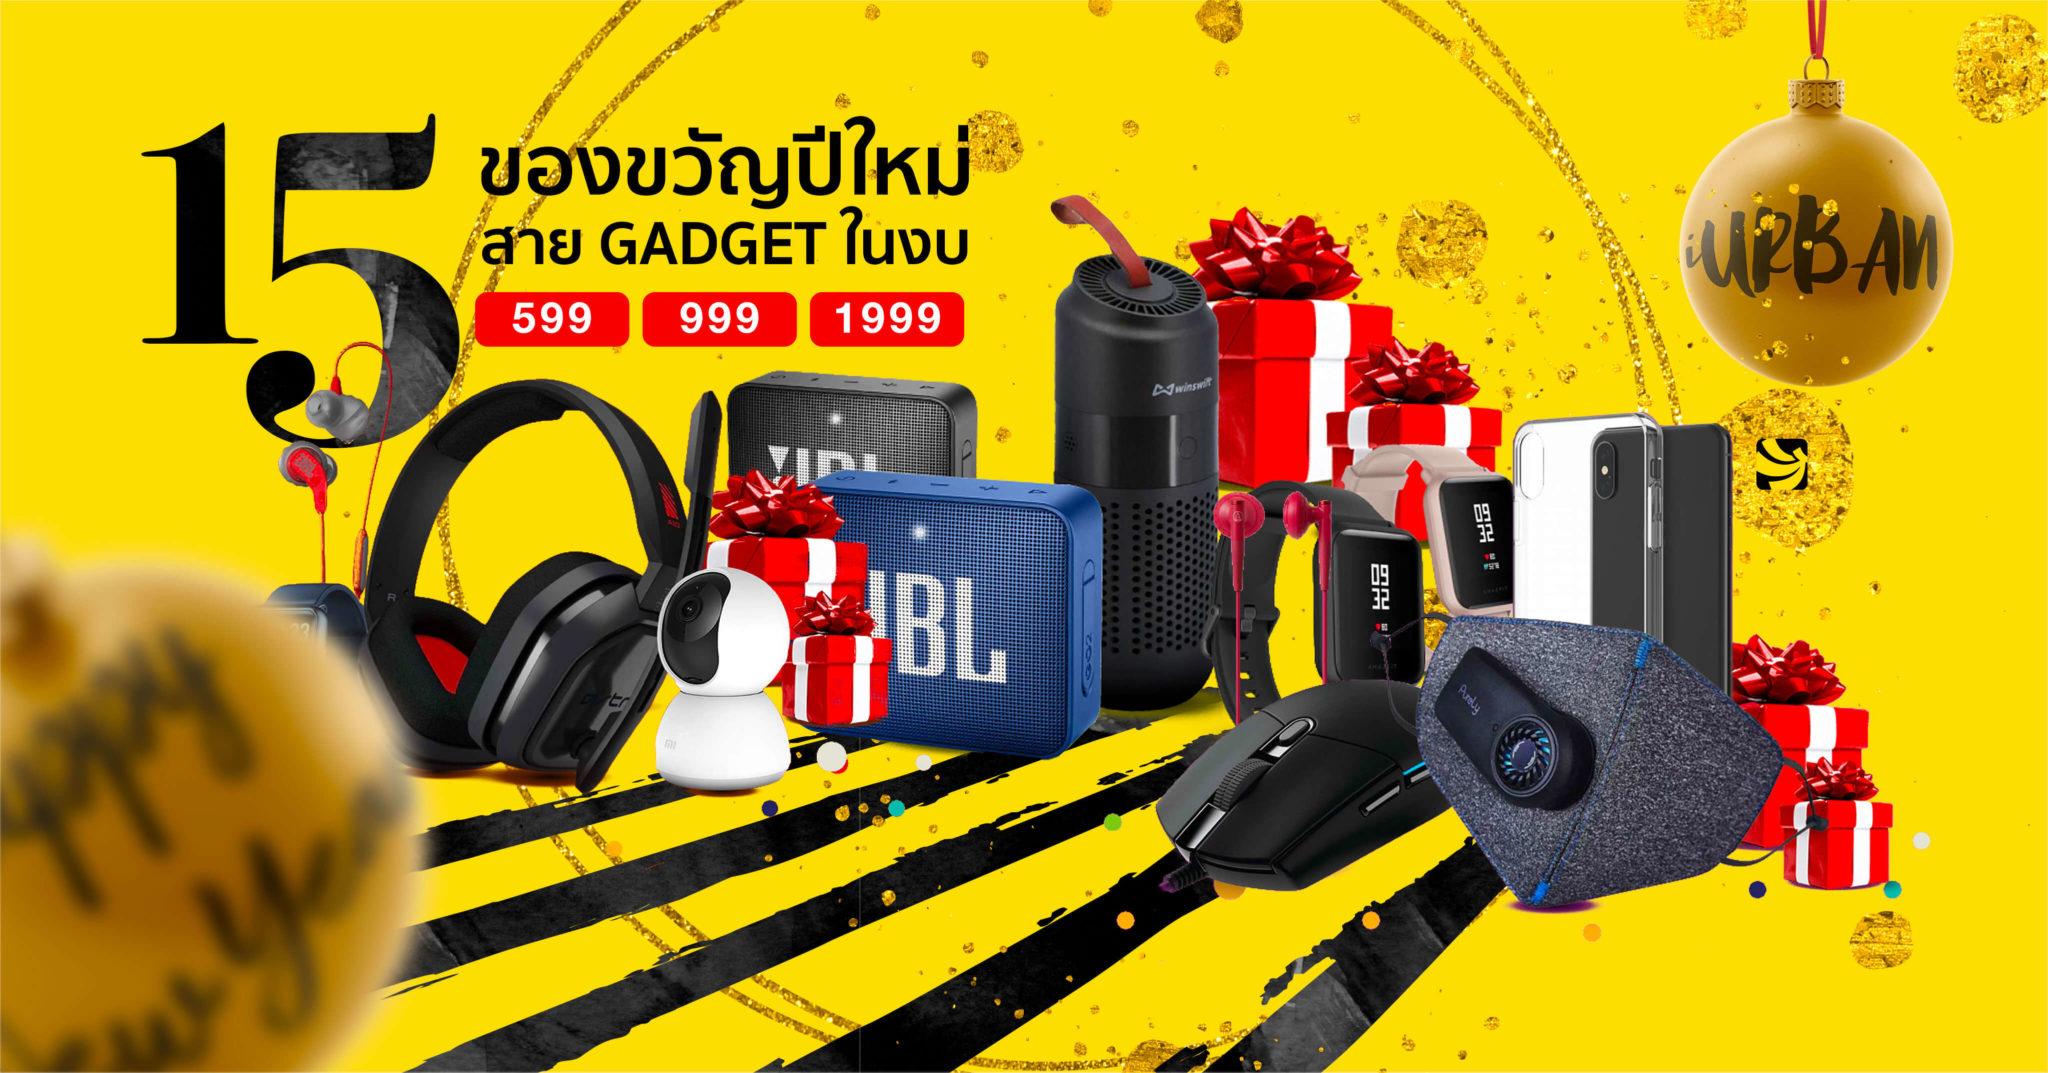 15 ไอเดียของขวัญปีใหม่สาย Gadget ในงบ 599/999/1,990 คนรับประทับใจ 13 - Banana